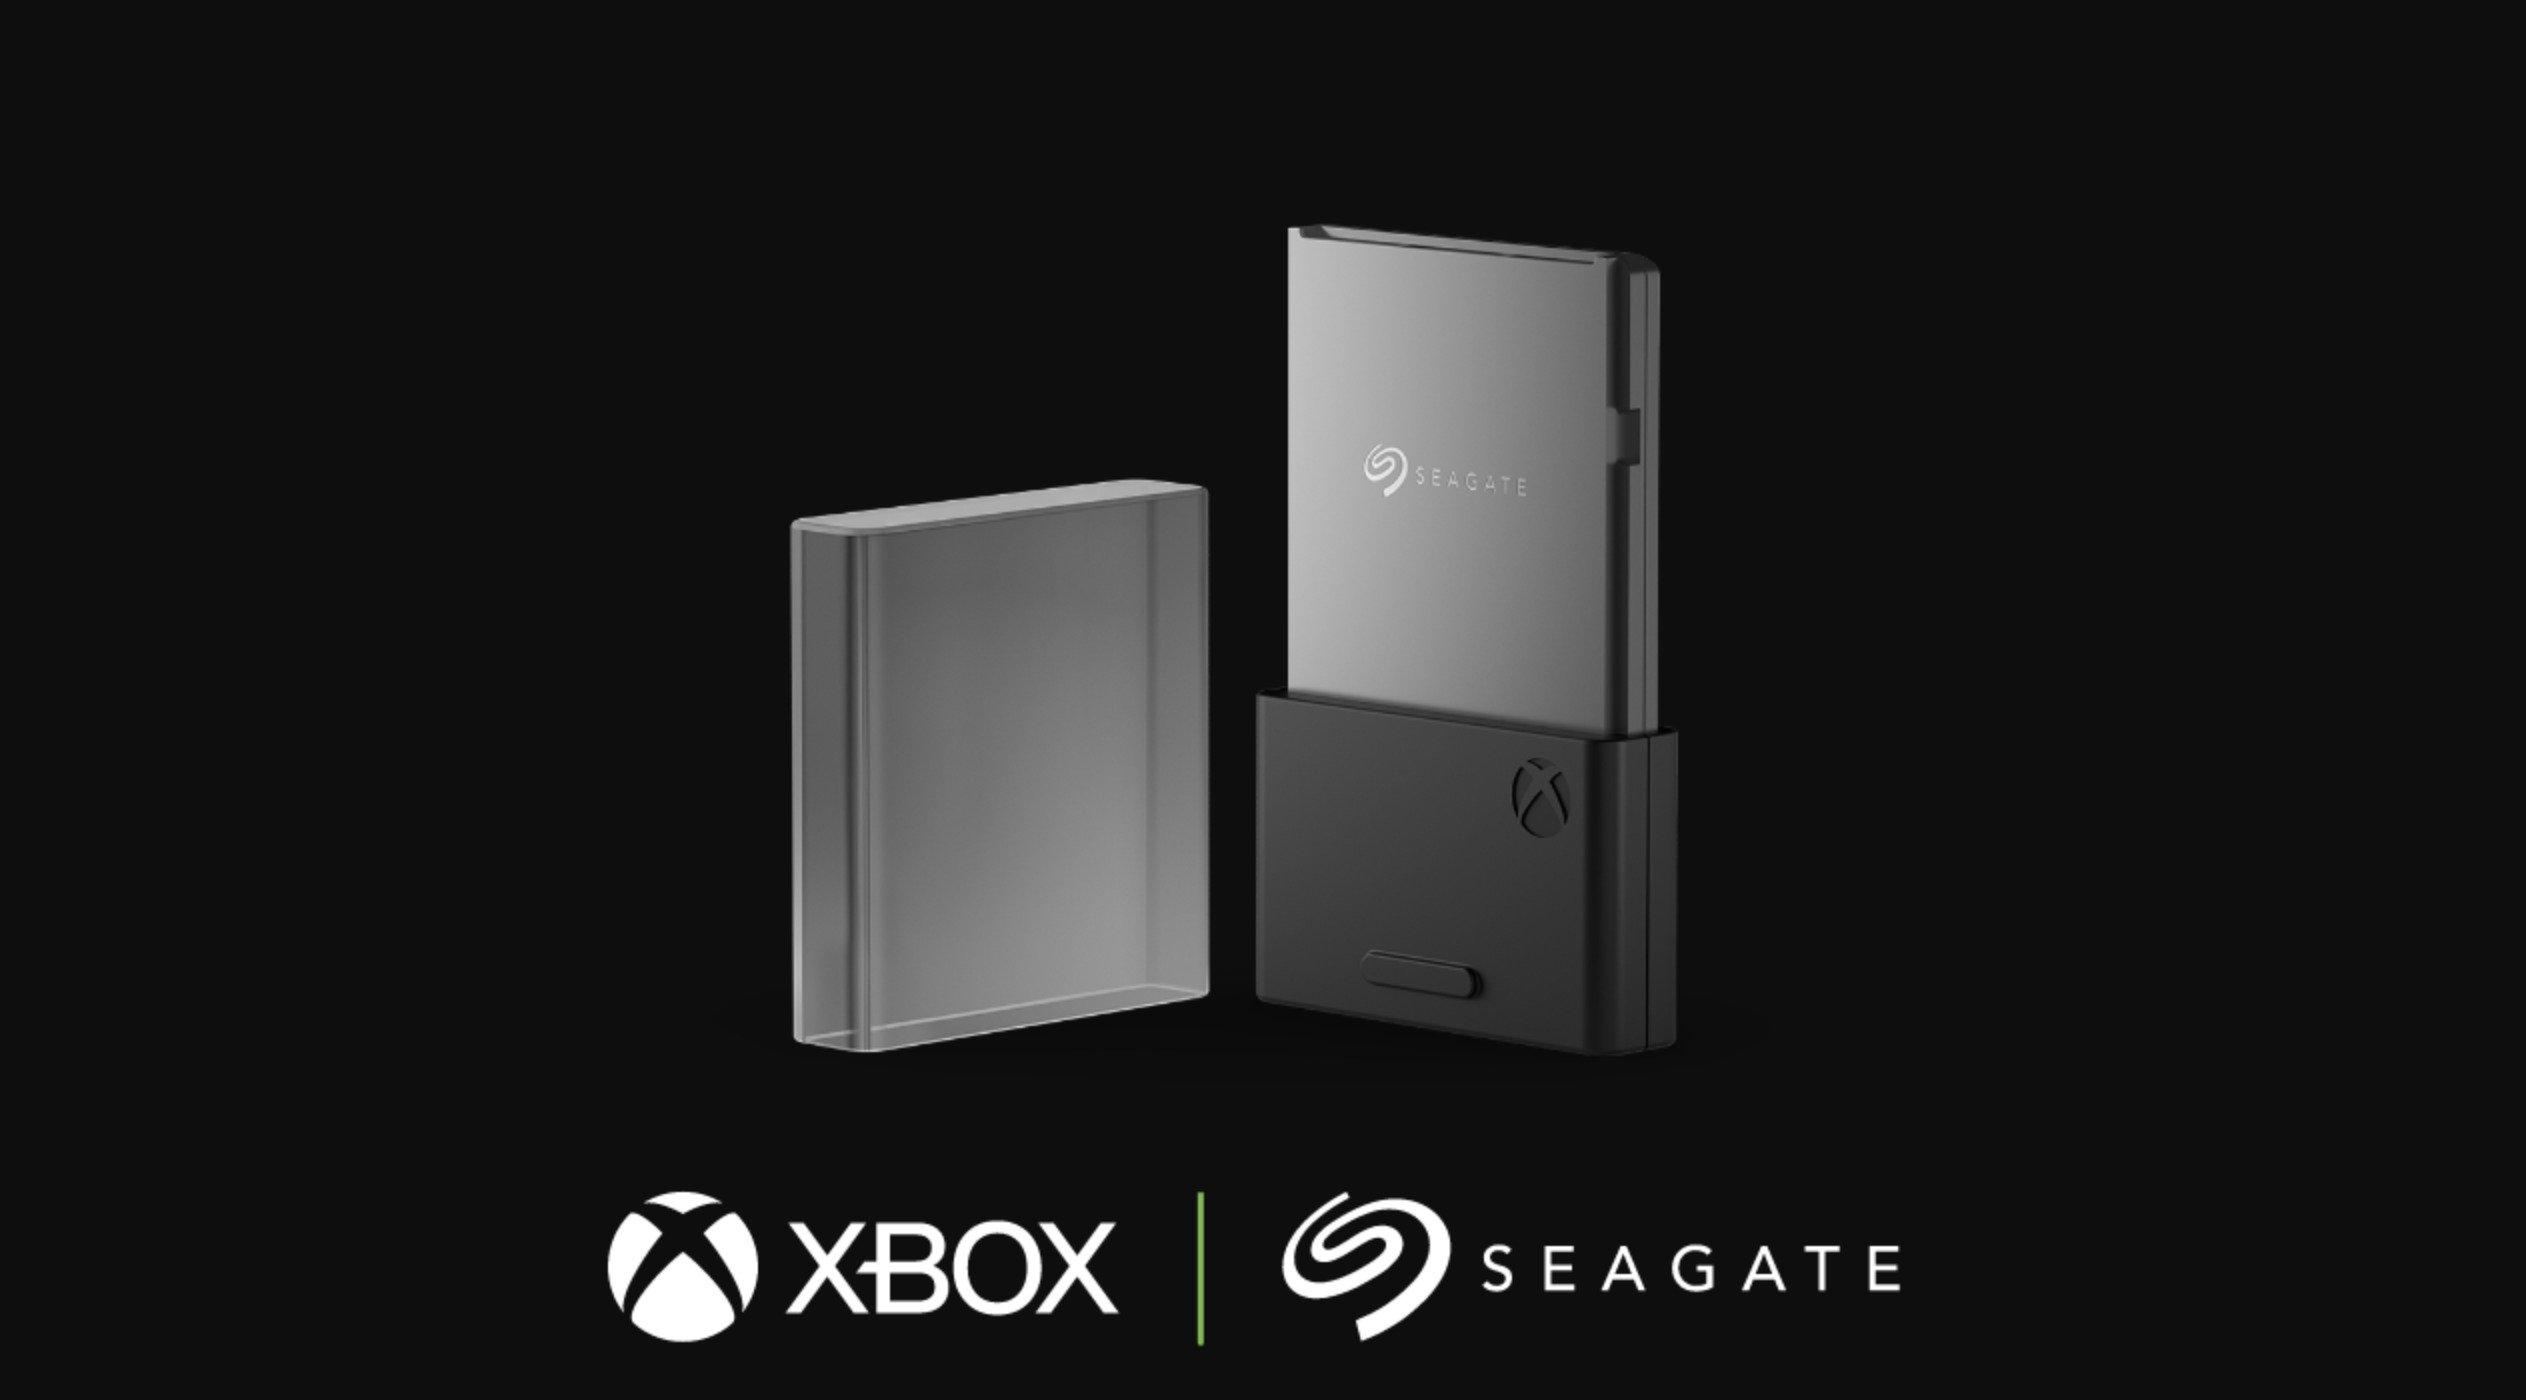 Seagate Xbox Series X/S Accessories